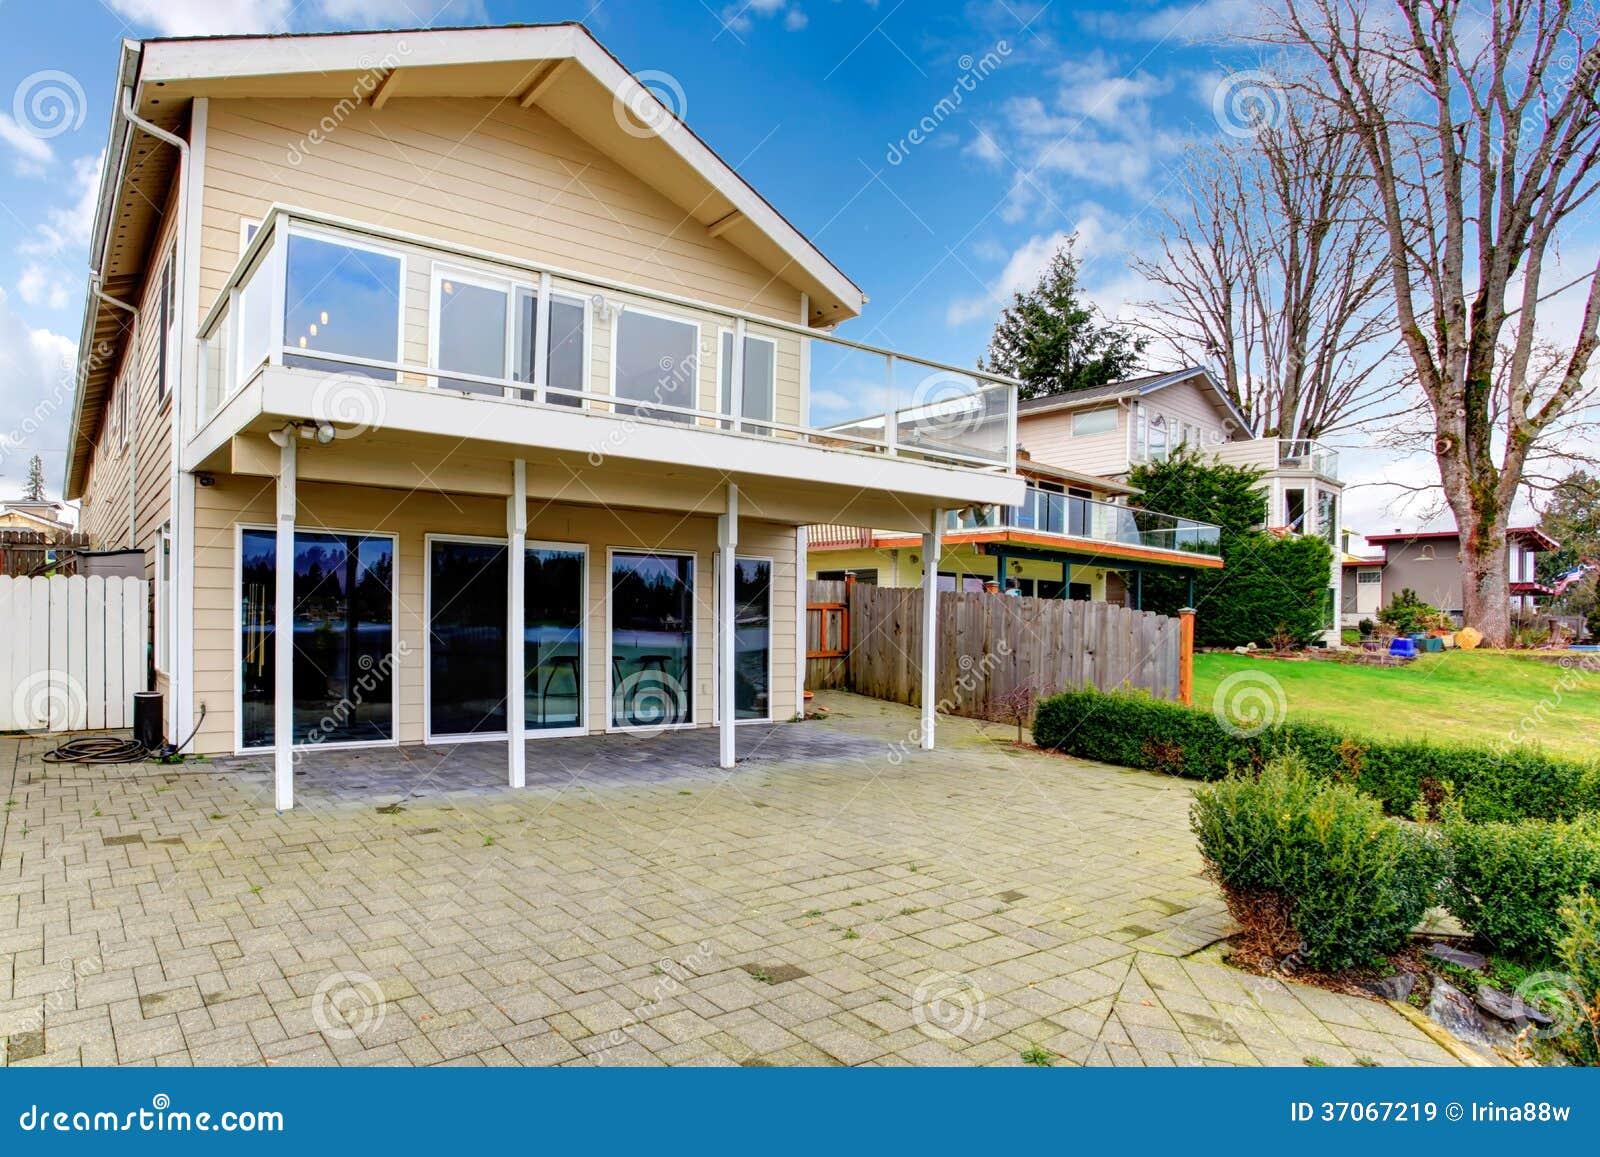 Maison lambriss e deux par histoires avec le balcon en verre images libres de droits image - Maison s par domenack arquitectos ...